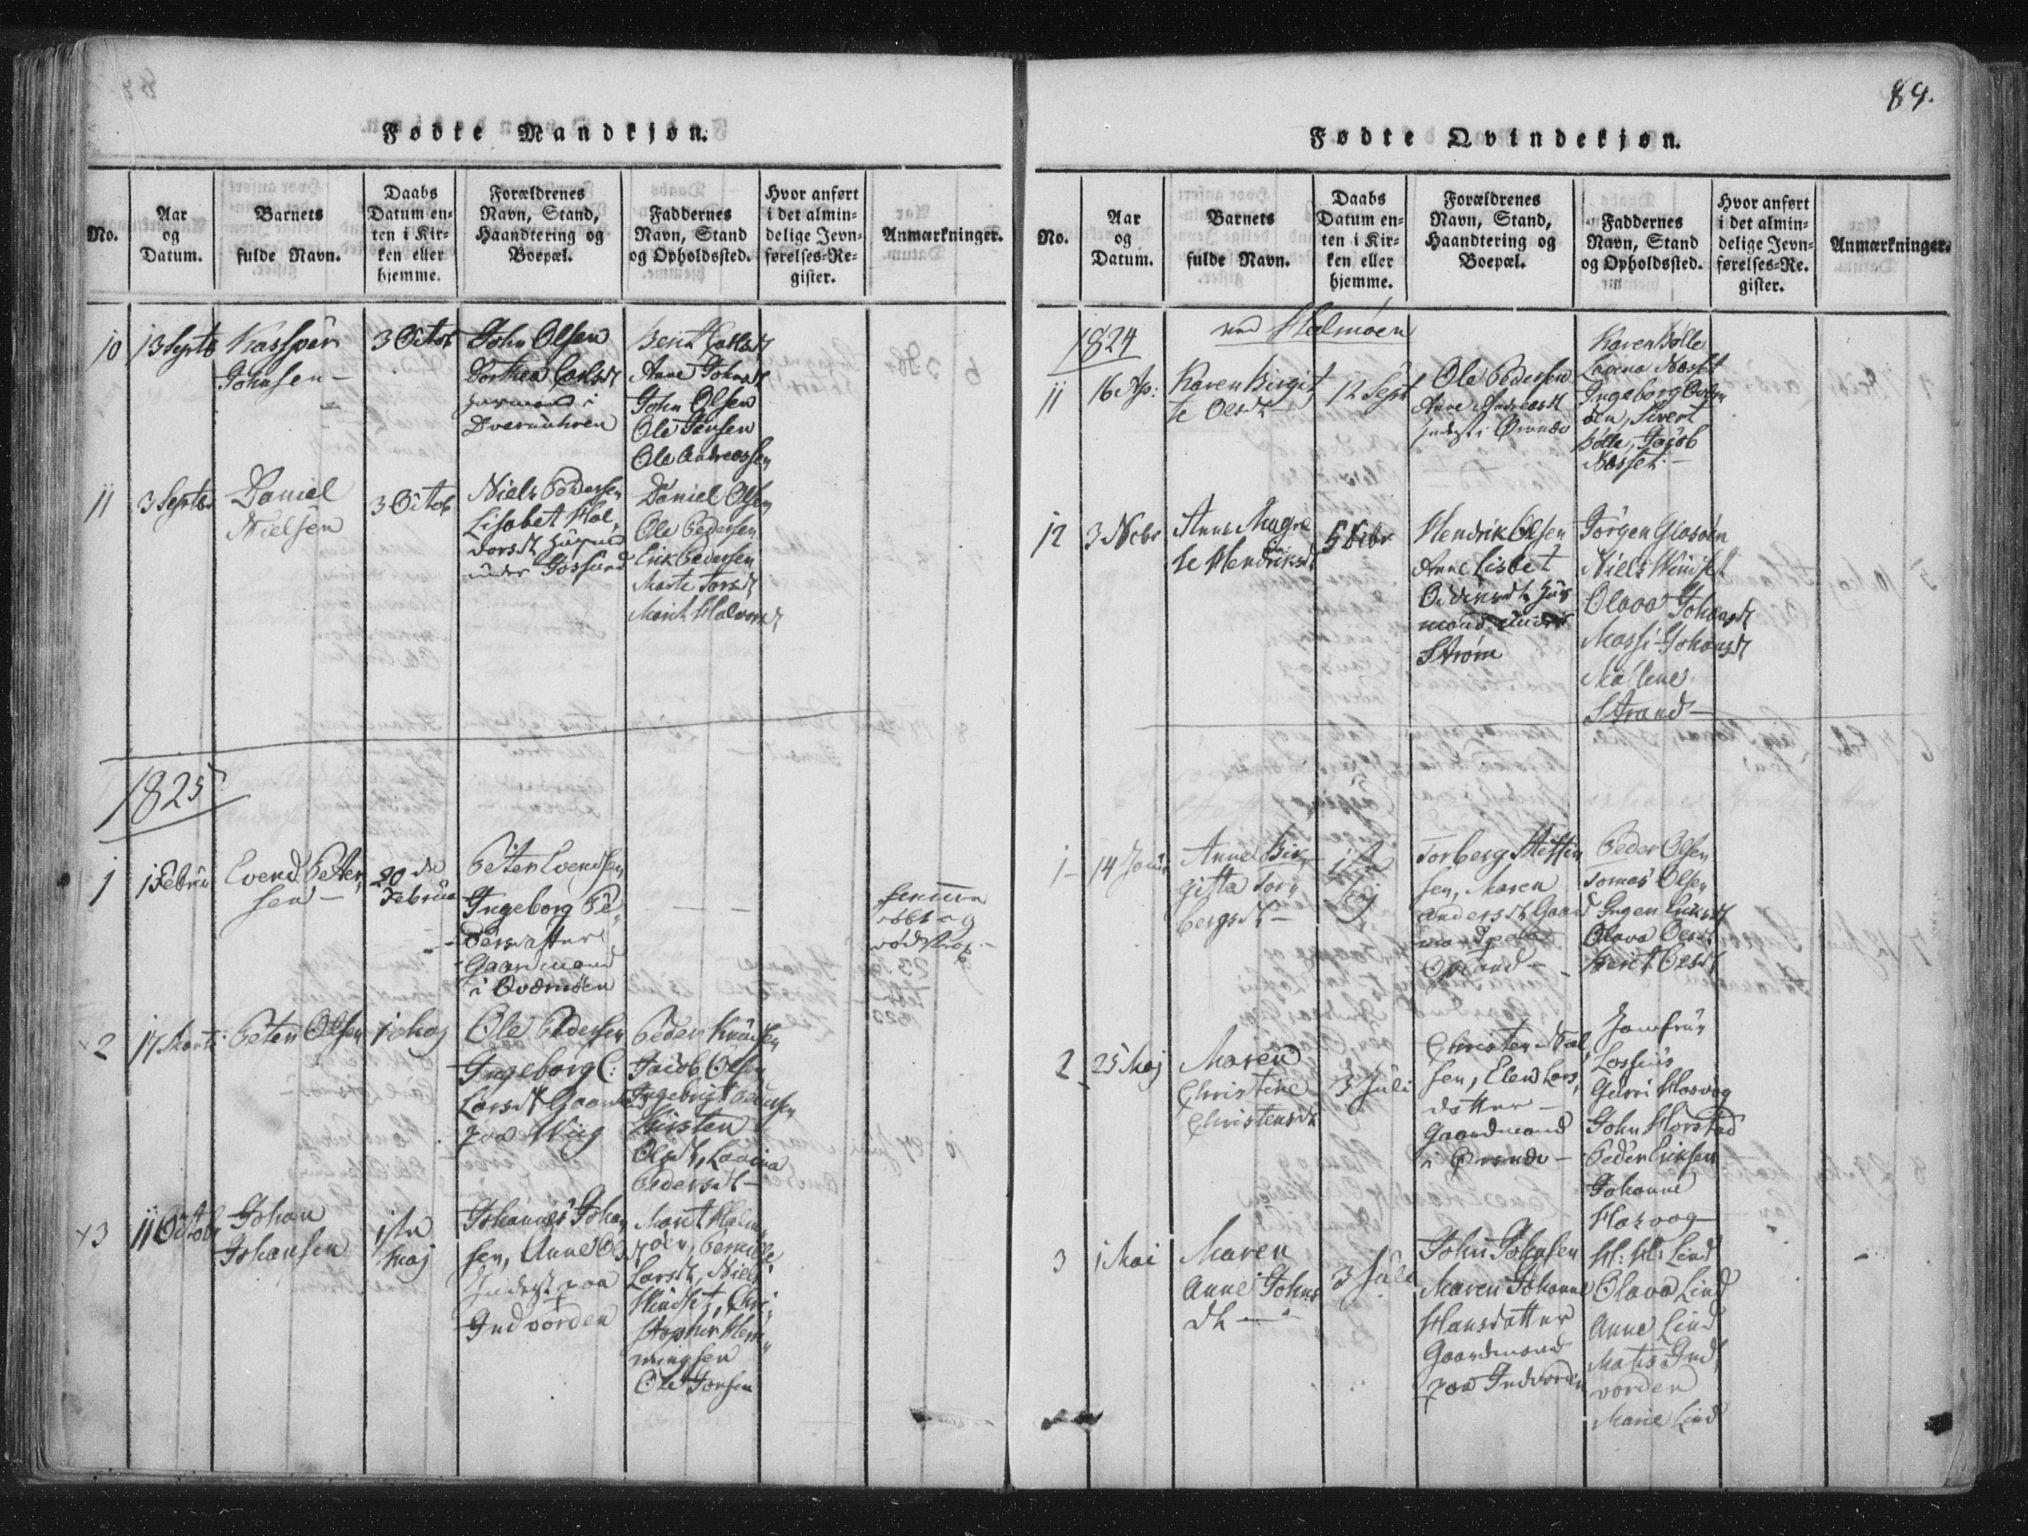 SAT, Ministerialprotokoller, klokkerbøker og fødselsregistre - Nord-Trøndelag, 773/L0609: Ministerialbok nr. 773A03 /3, 1815-1830, s. 89